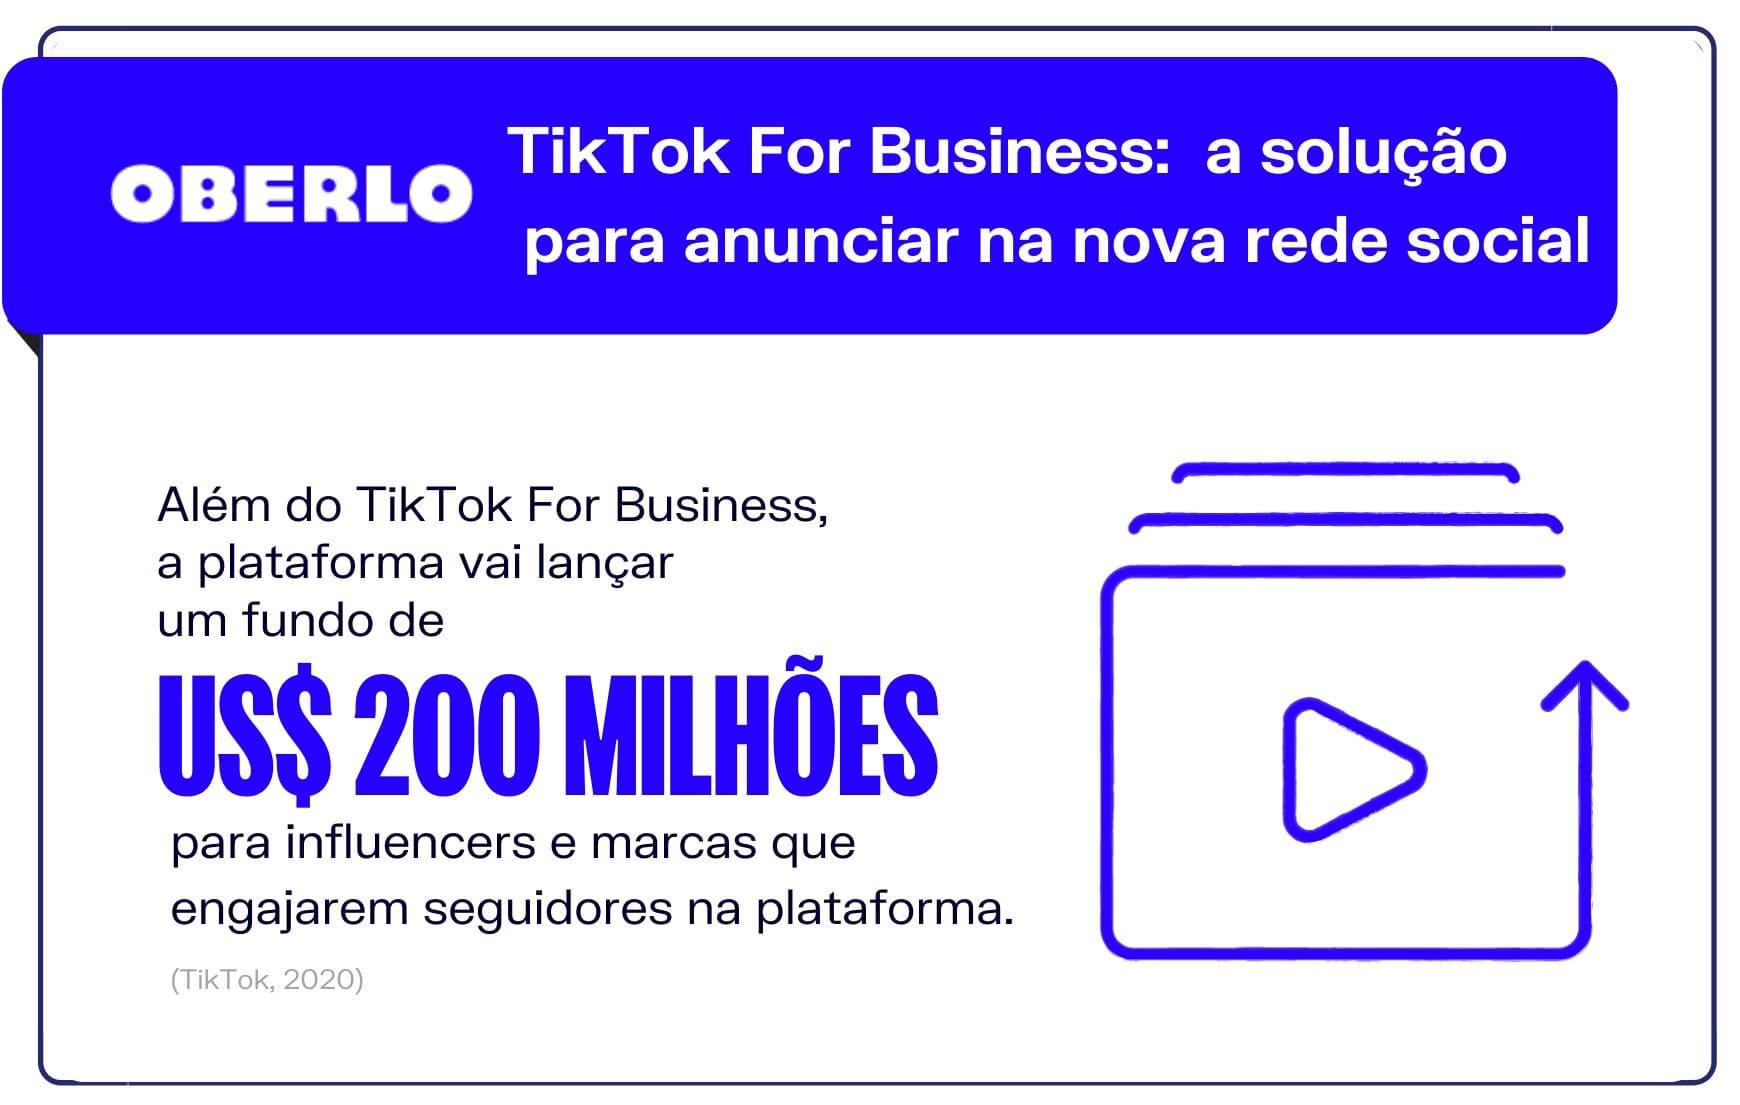 TikTok For Business: a solução para anunciar na nova rede social